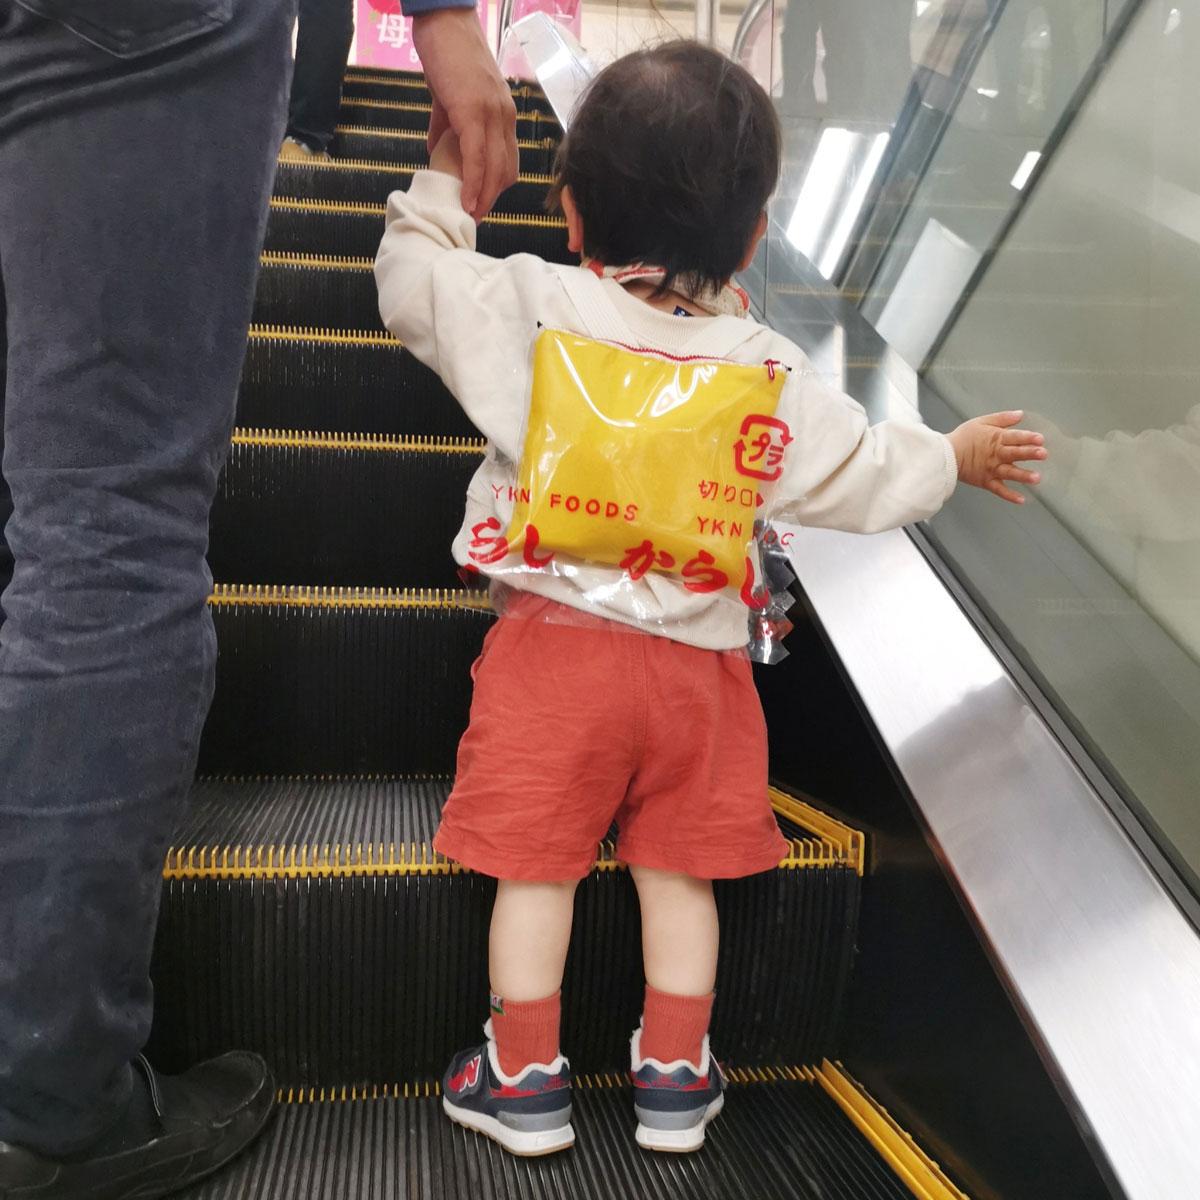 「からし(2g)なキッズリュック」を身につけたお子さんとのお出かけ(yukanaさん提供)